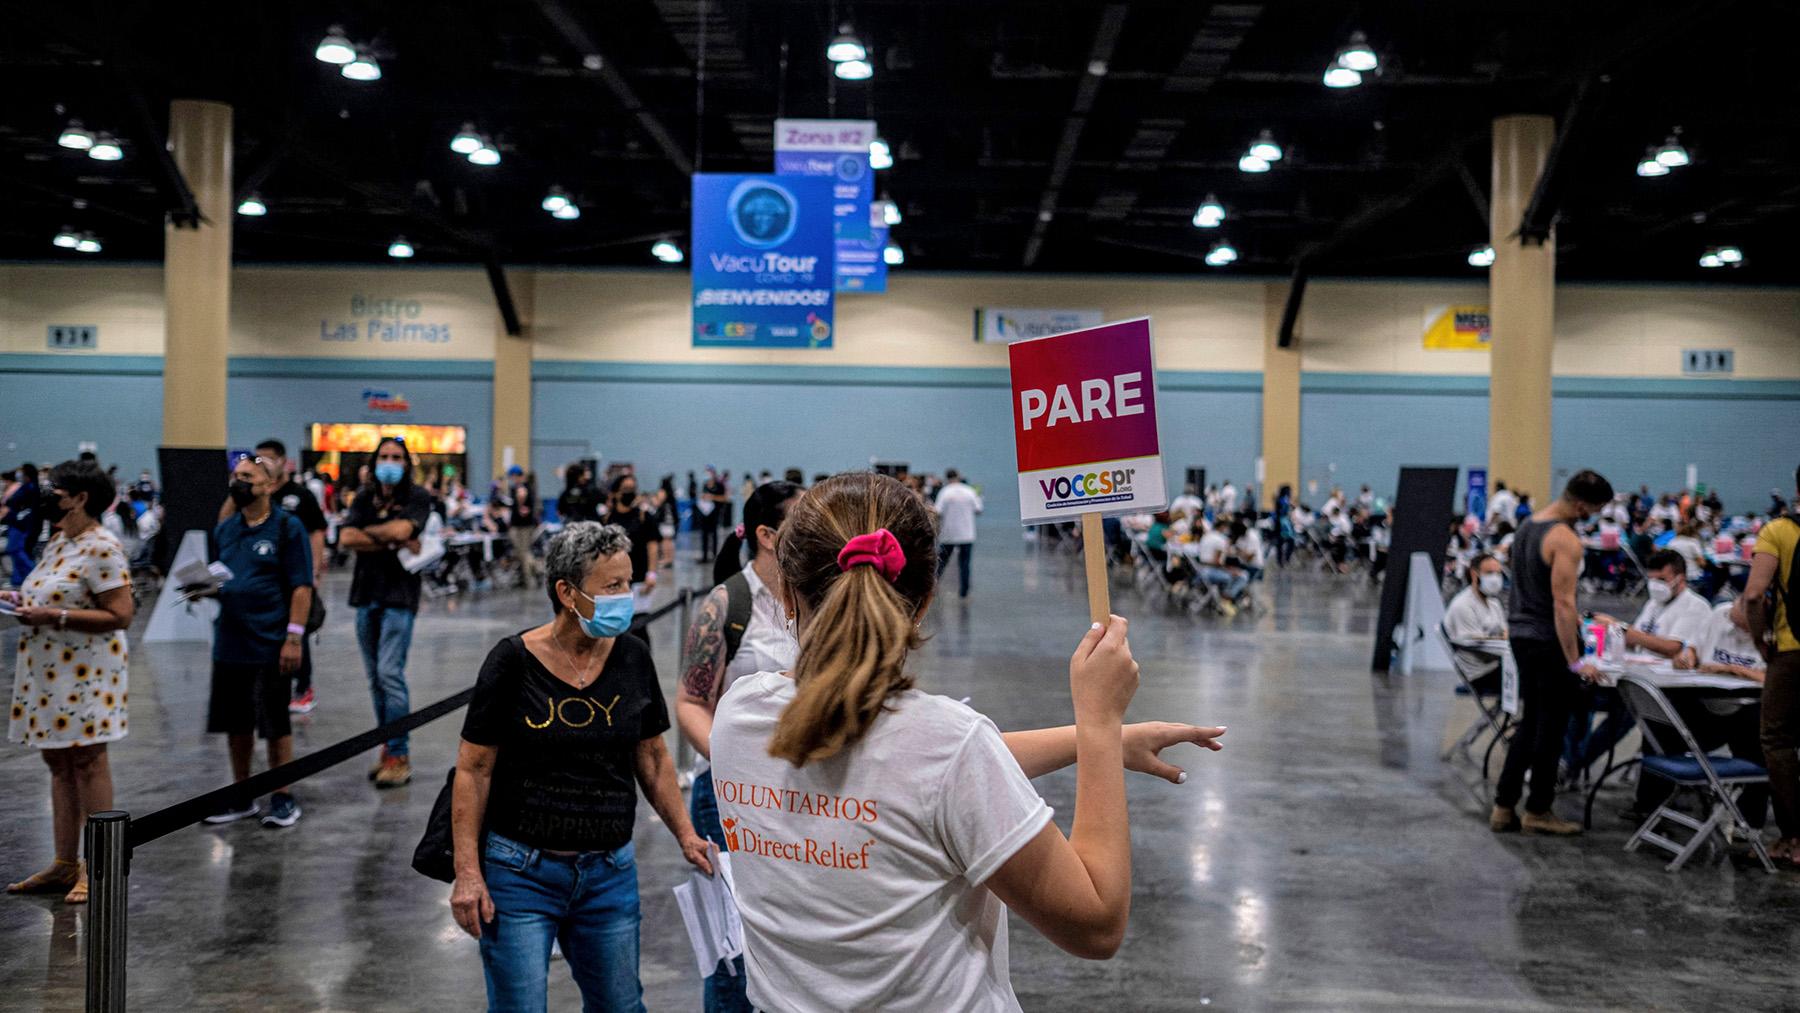 Un voluntario de Direct Relief ayuda a las personas dentro del Centro de Convenciones de Puerto Rico durante el primer evento masivo de vacunación Covid-19 en San Juan, Puerto Rico el 31 de marzo de 2021. (Foto de Ricardo ARDUENGO / AFP)